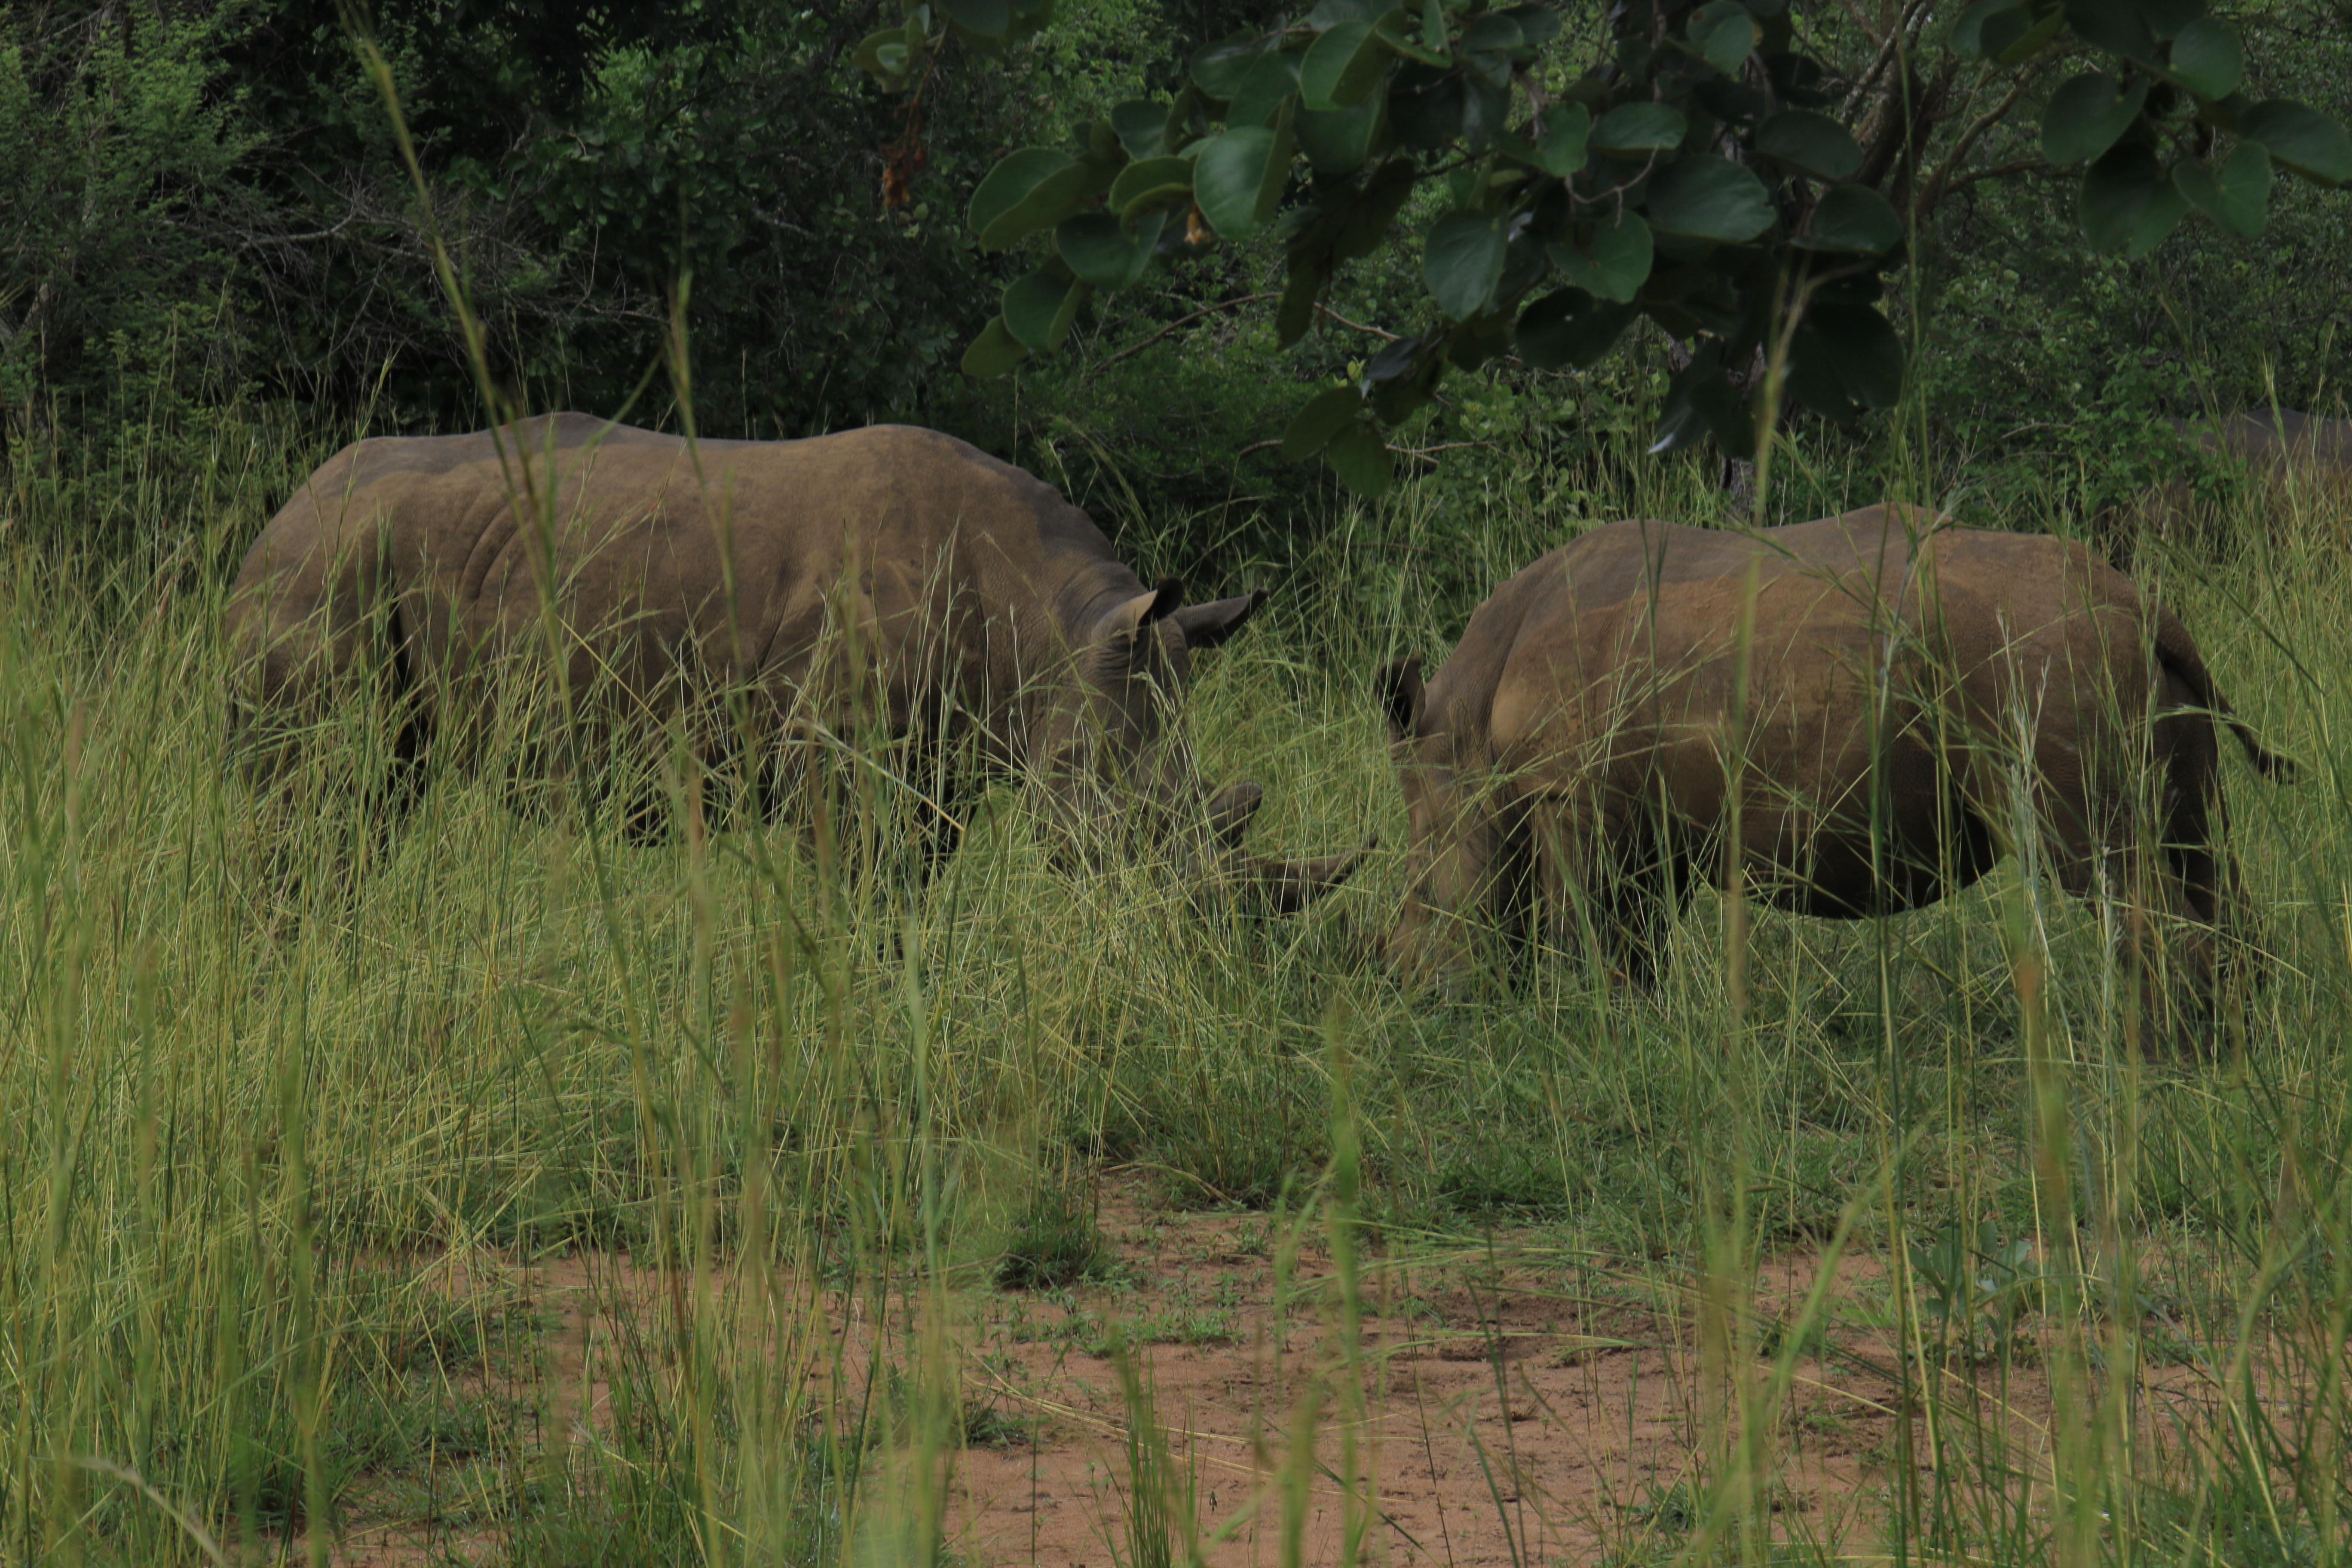 7 Days Uganda Safari Tour - Wildlife & Primates Adventure 4